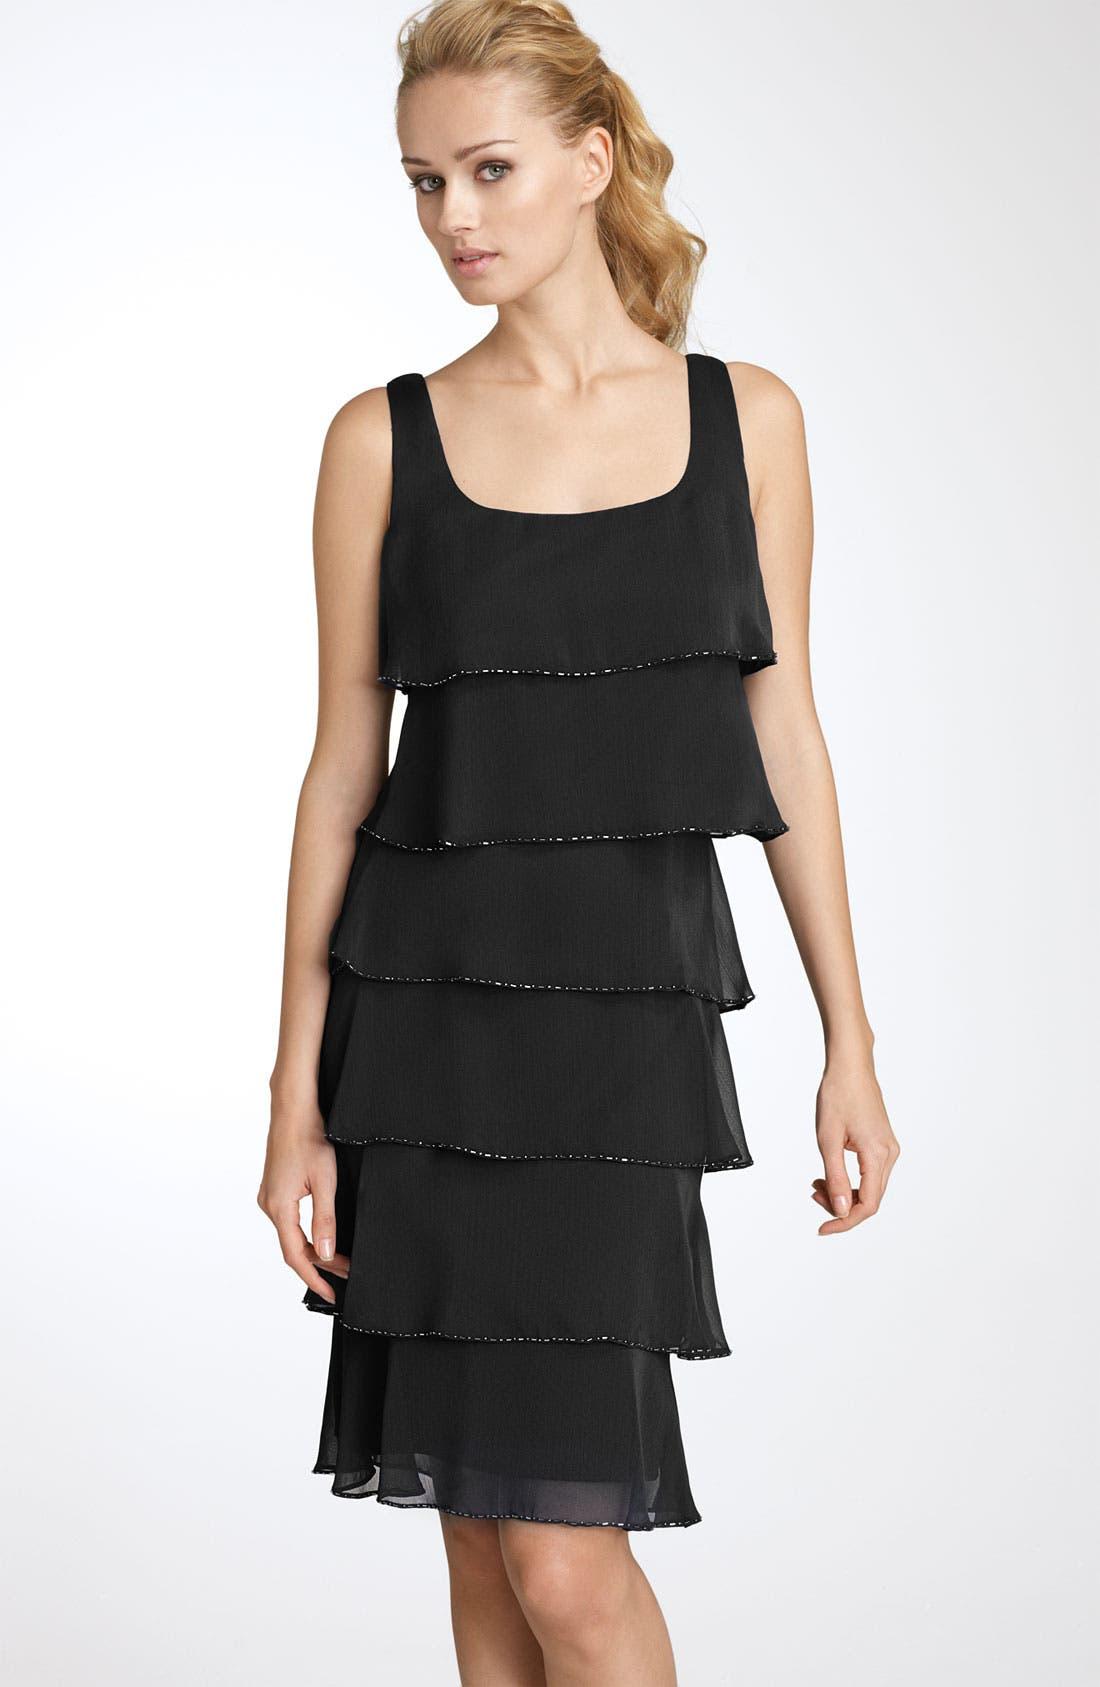 Main Image - Patra Beaded Iridescent Chiffon Dress